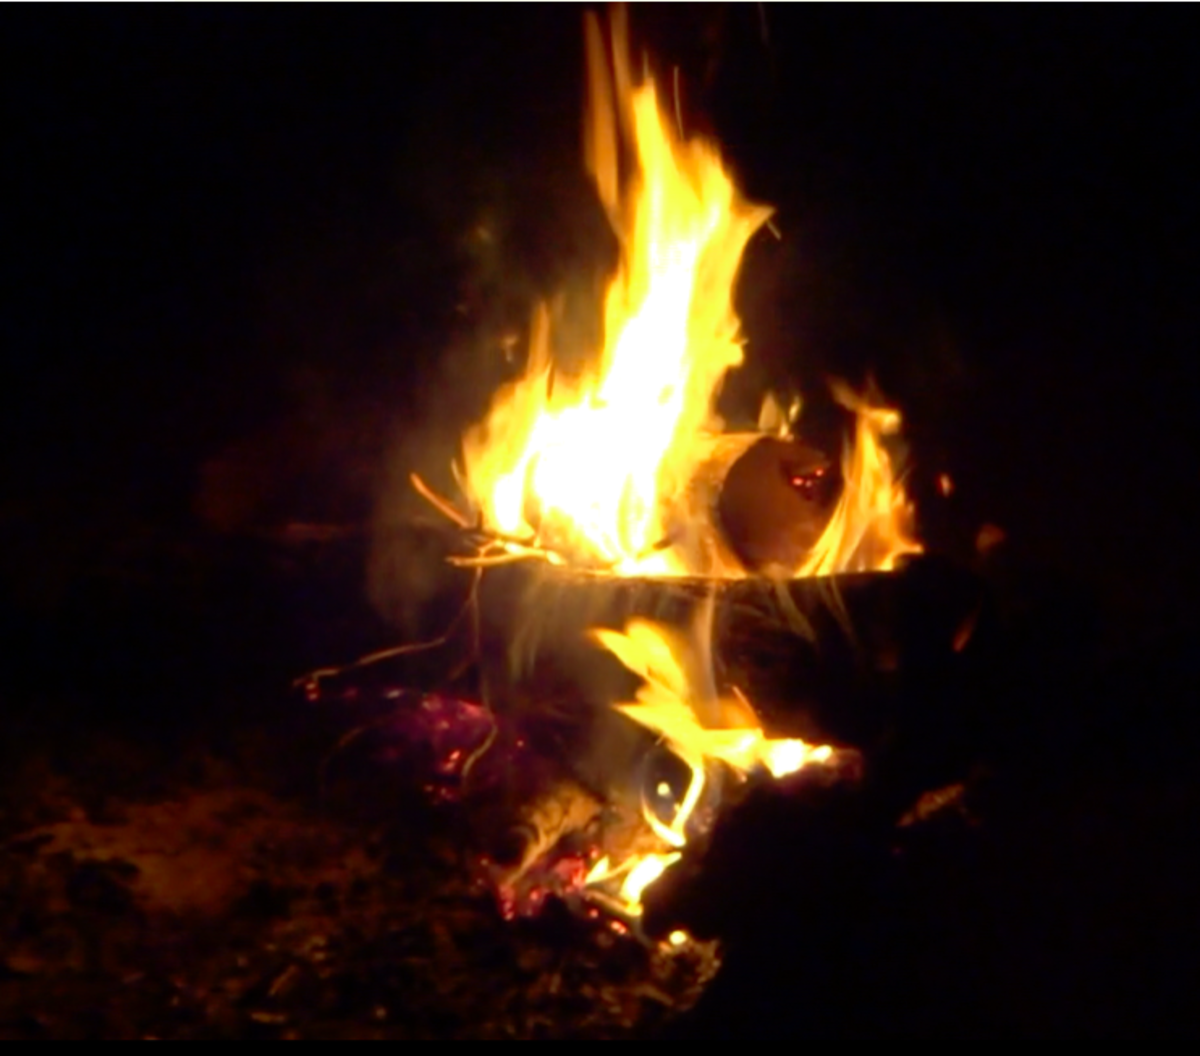 24 October campfire